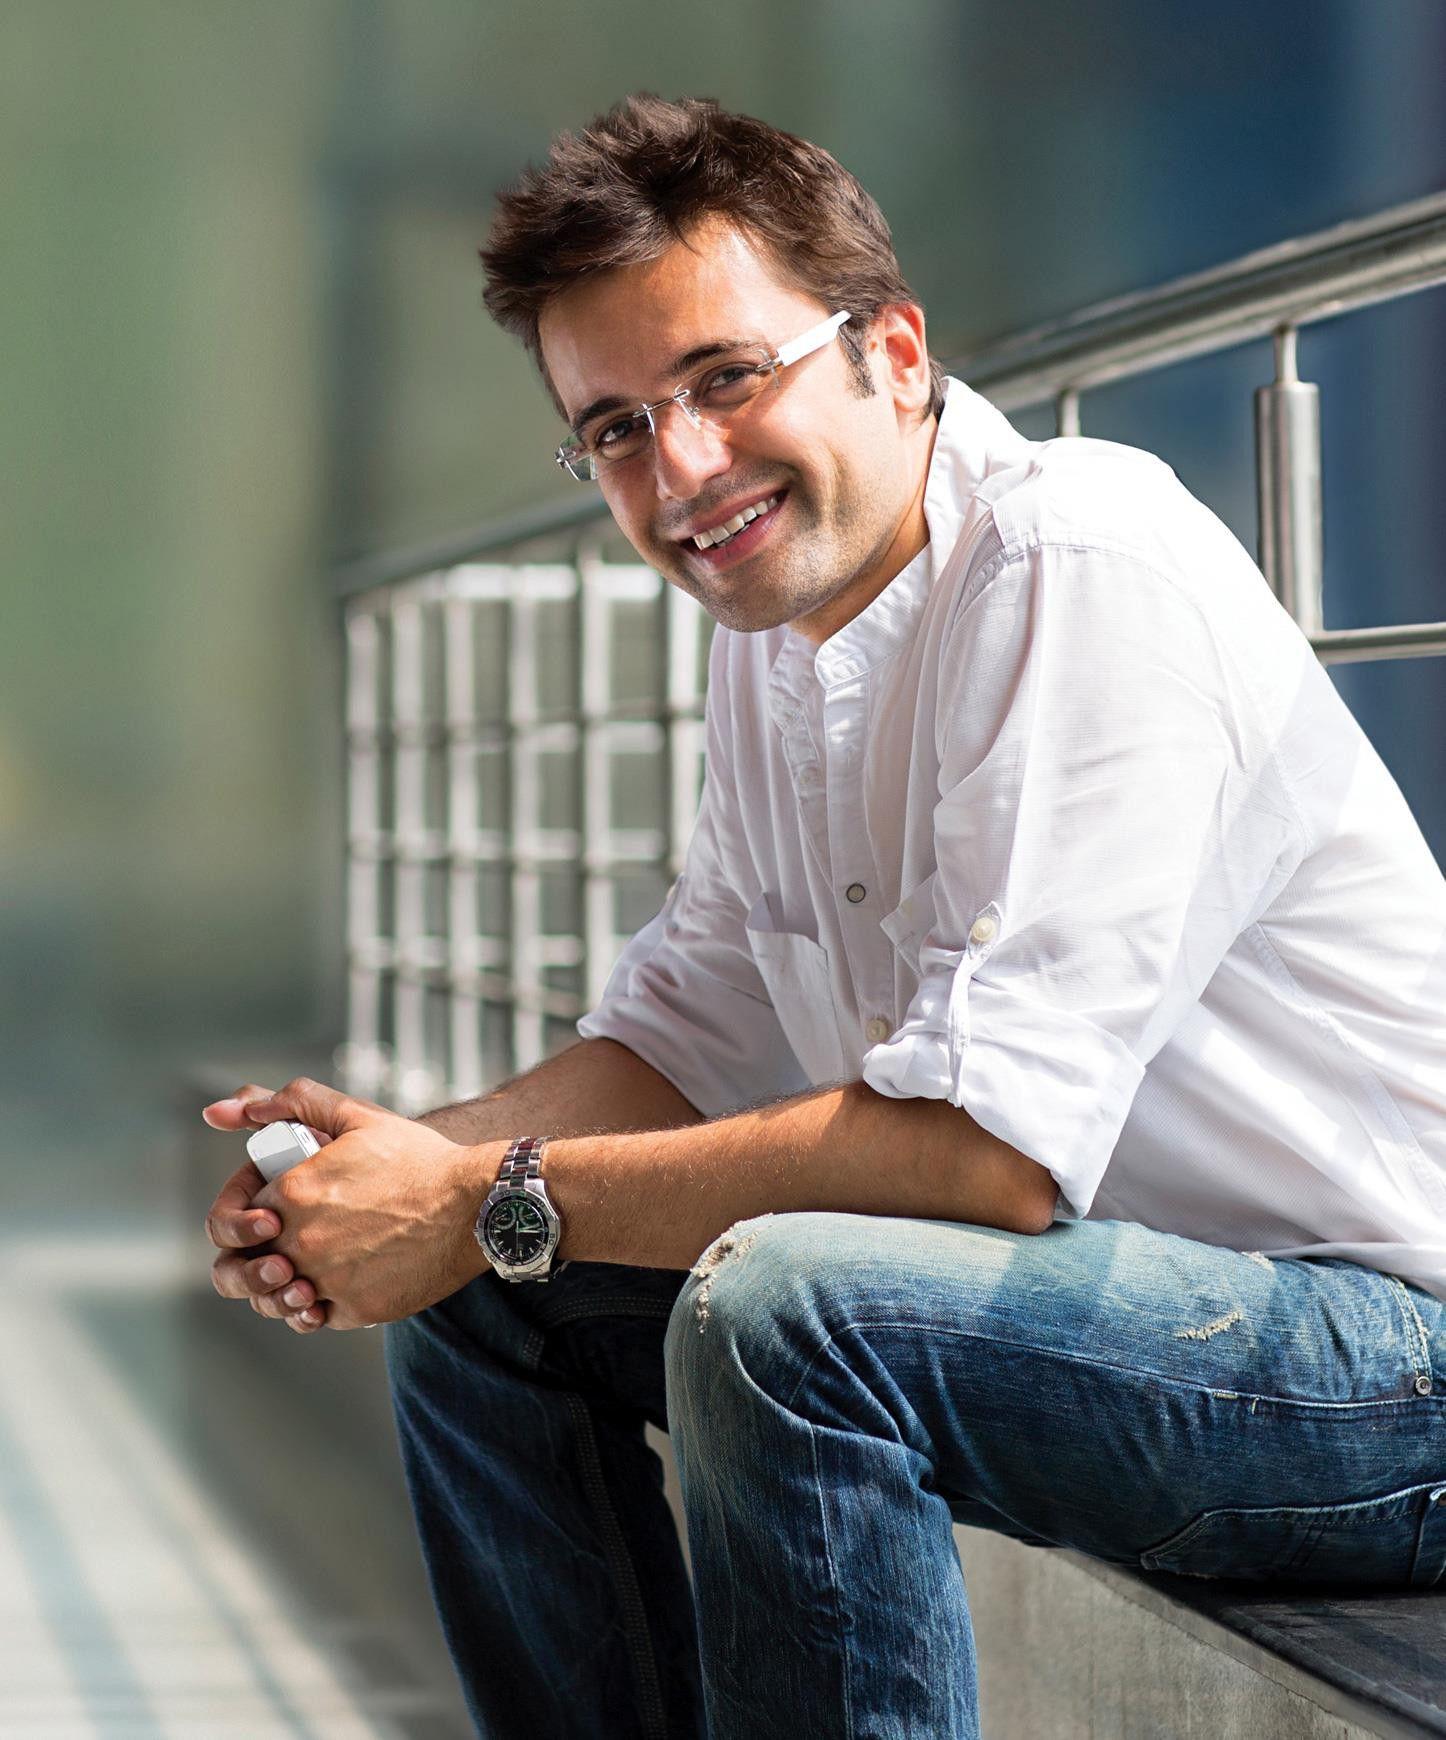 sandeep maheshwari Google Search Sandeep maheshwari